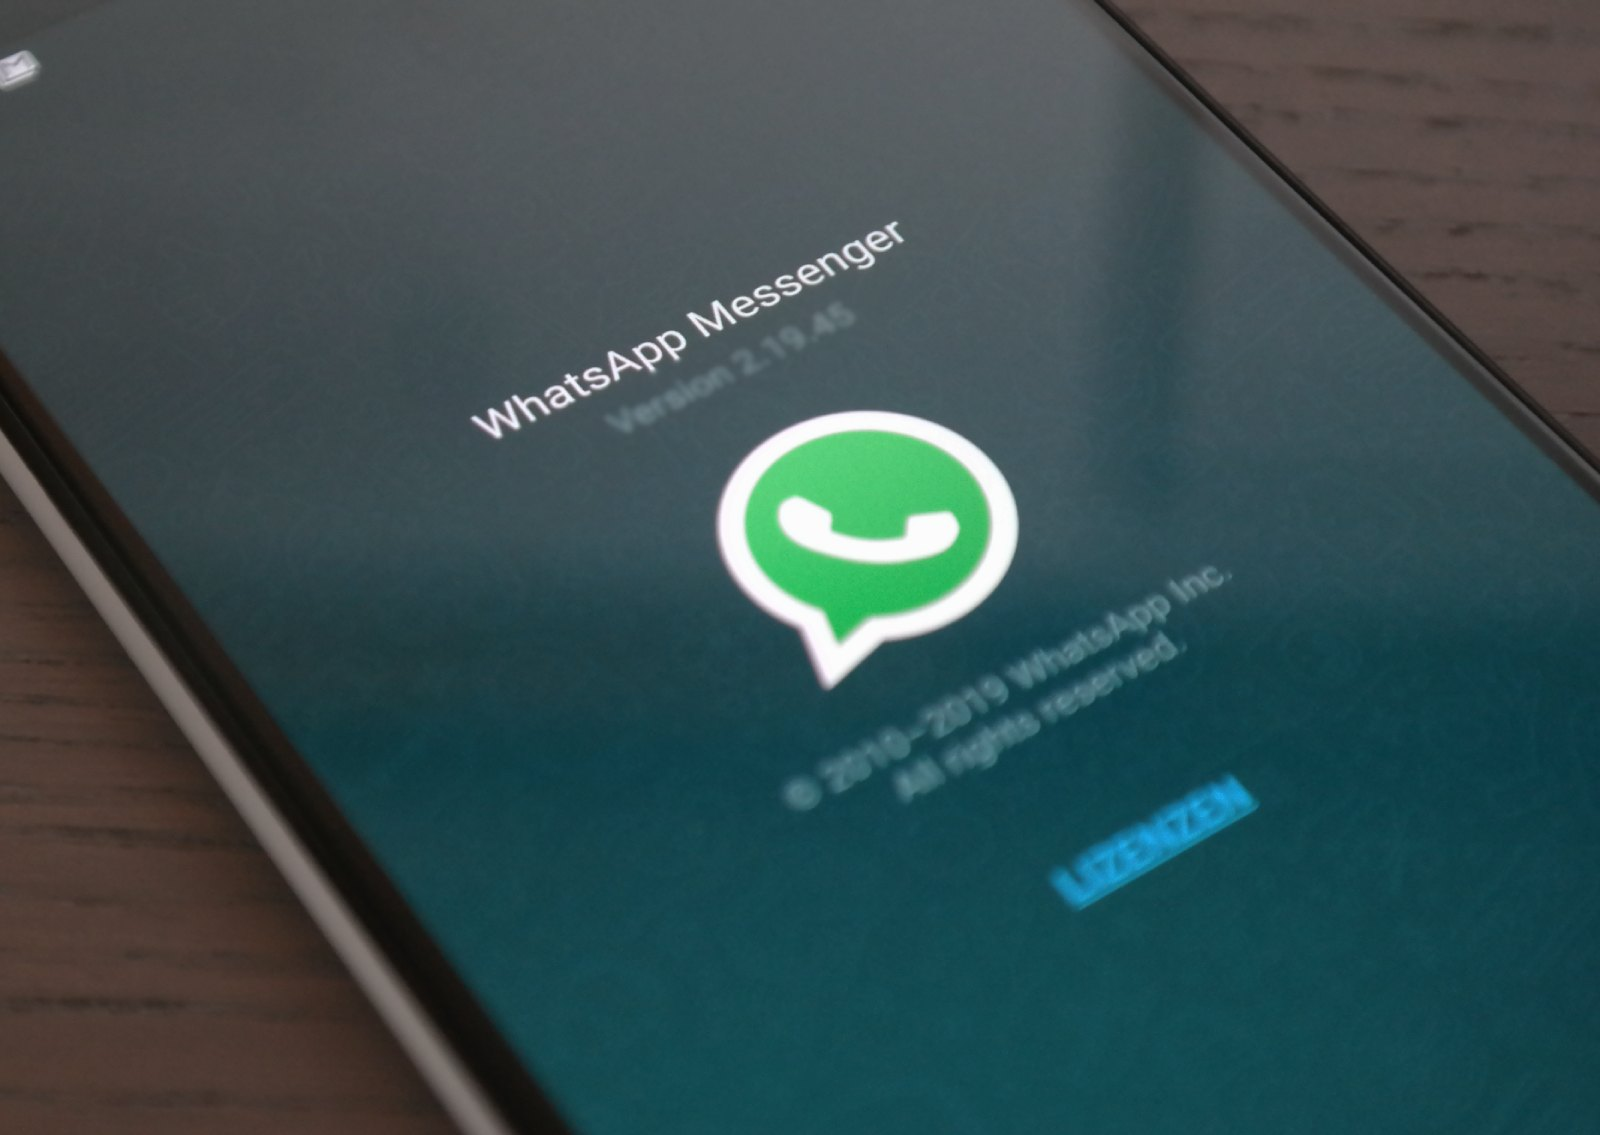 WhatsApp: Weitere Neuerungen für archivierte Chats